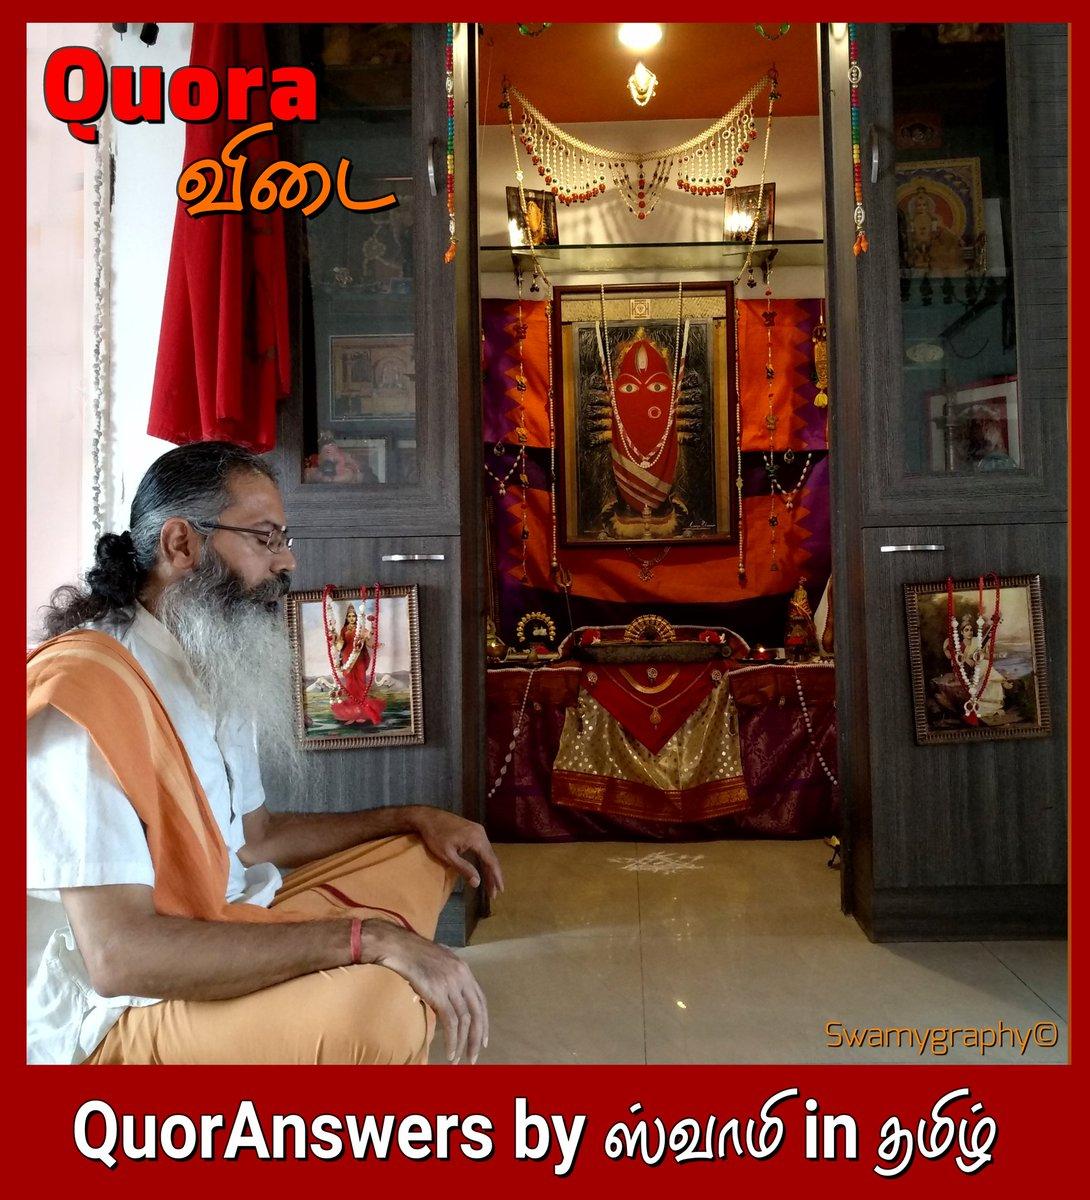 உங்களை நெகிழவைத்த ஒரு பெண்மணியின் வாழ்க்கைக் கதை எது! 🤔😂🙃 ~Quoraவிடை by ஸ்வாமி   #Devi #shakti #Akilandeswari #parasakthi #shiva #kalabhairava #shaktipeetam #daksha #mother #goddess #lingabhairavi #divine #feminine #Mythology #culture  #QuoraVidai #Grace